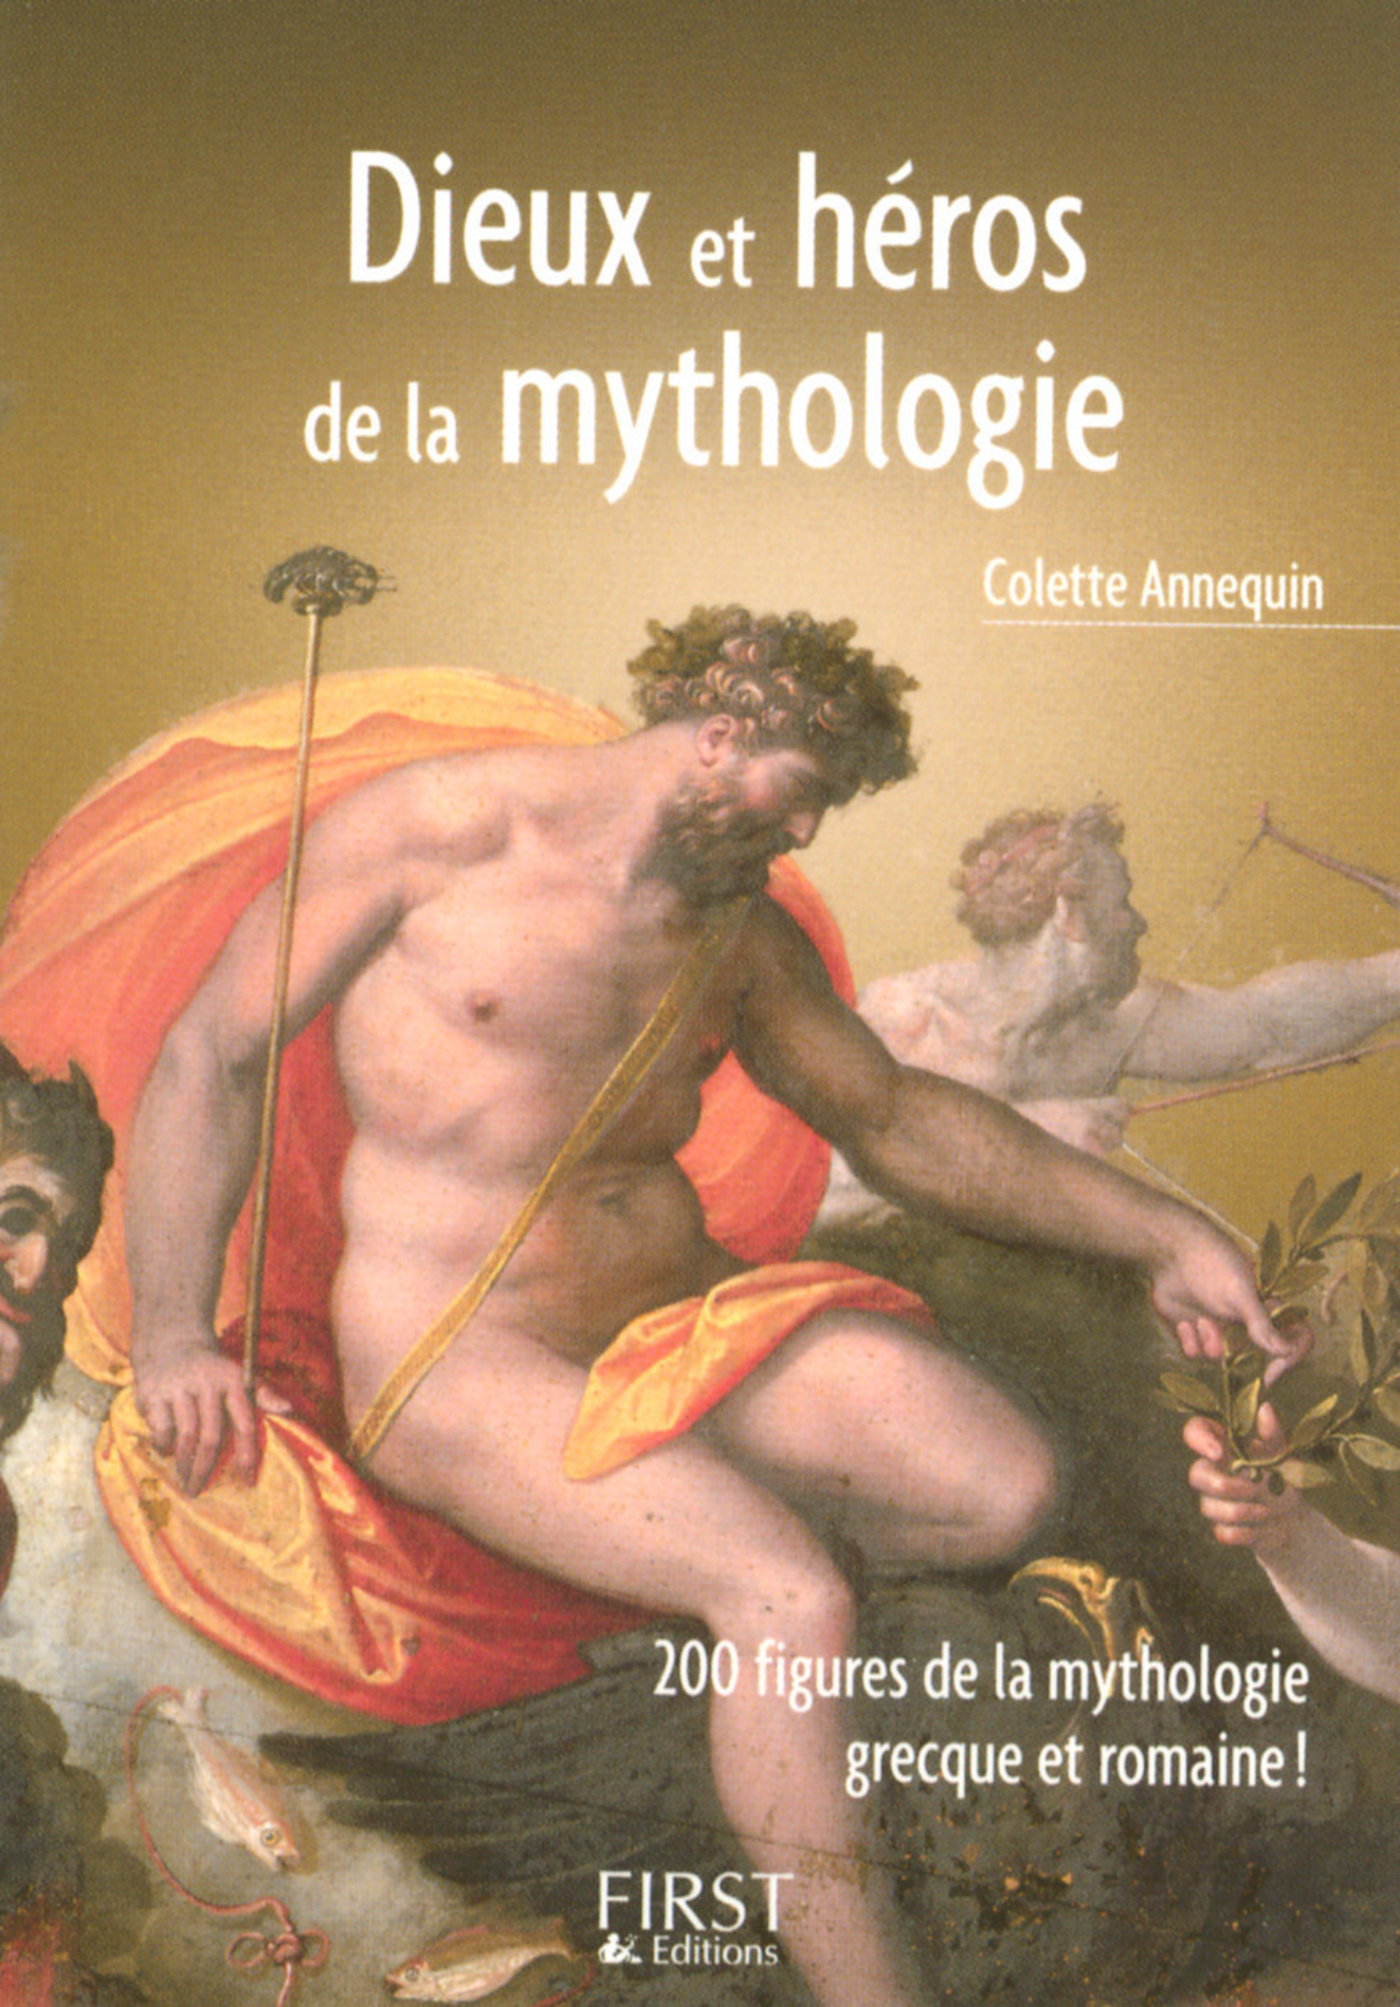 Le Petit Livre de - Dieux et héros de la mythologie grecque